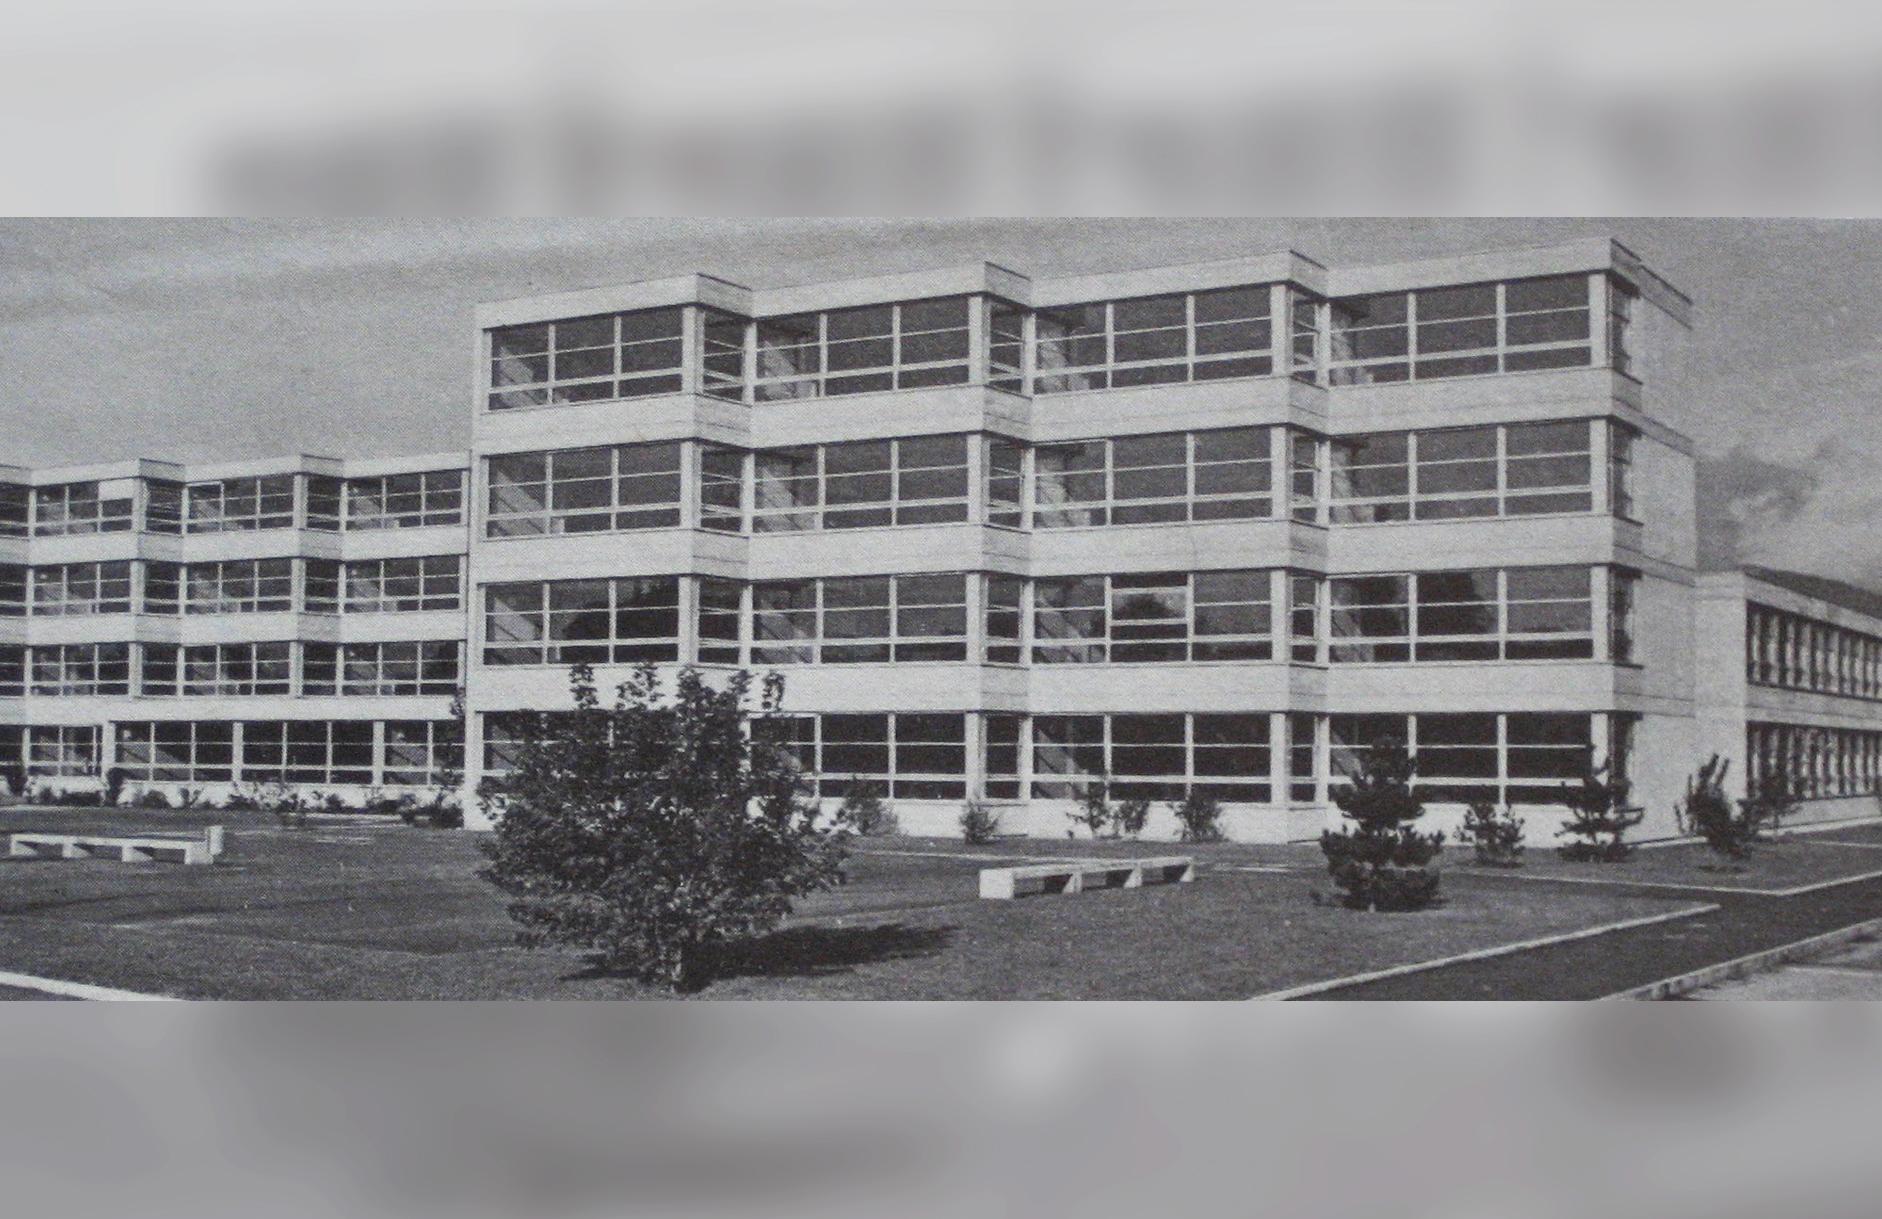 Collège Léon-Michaud, Yverdon, 1975.